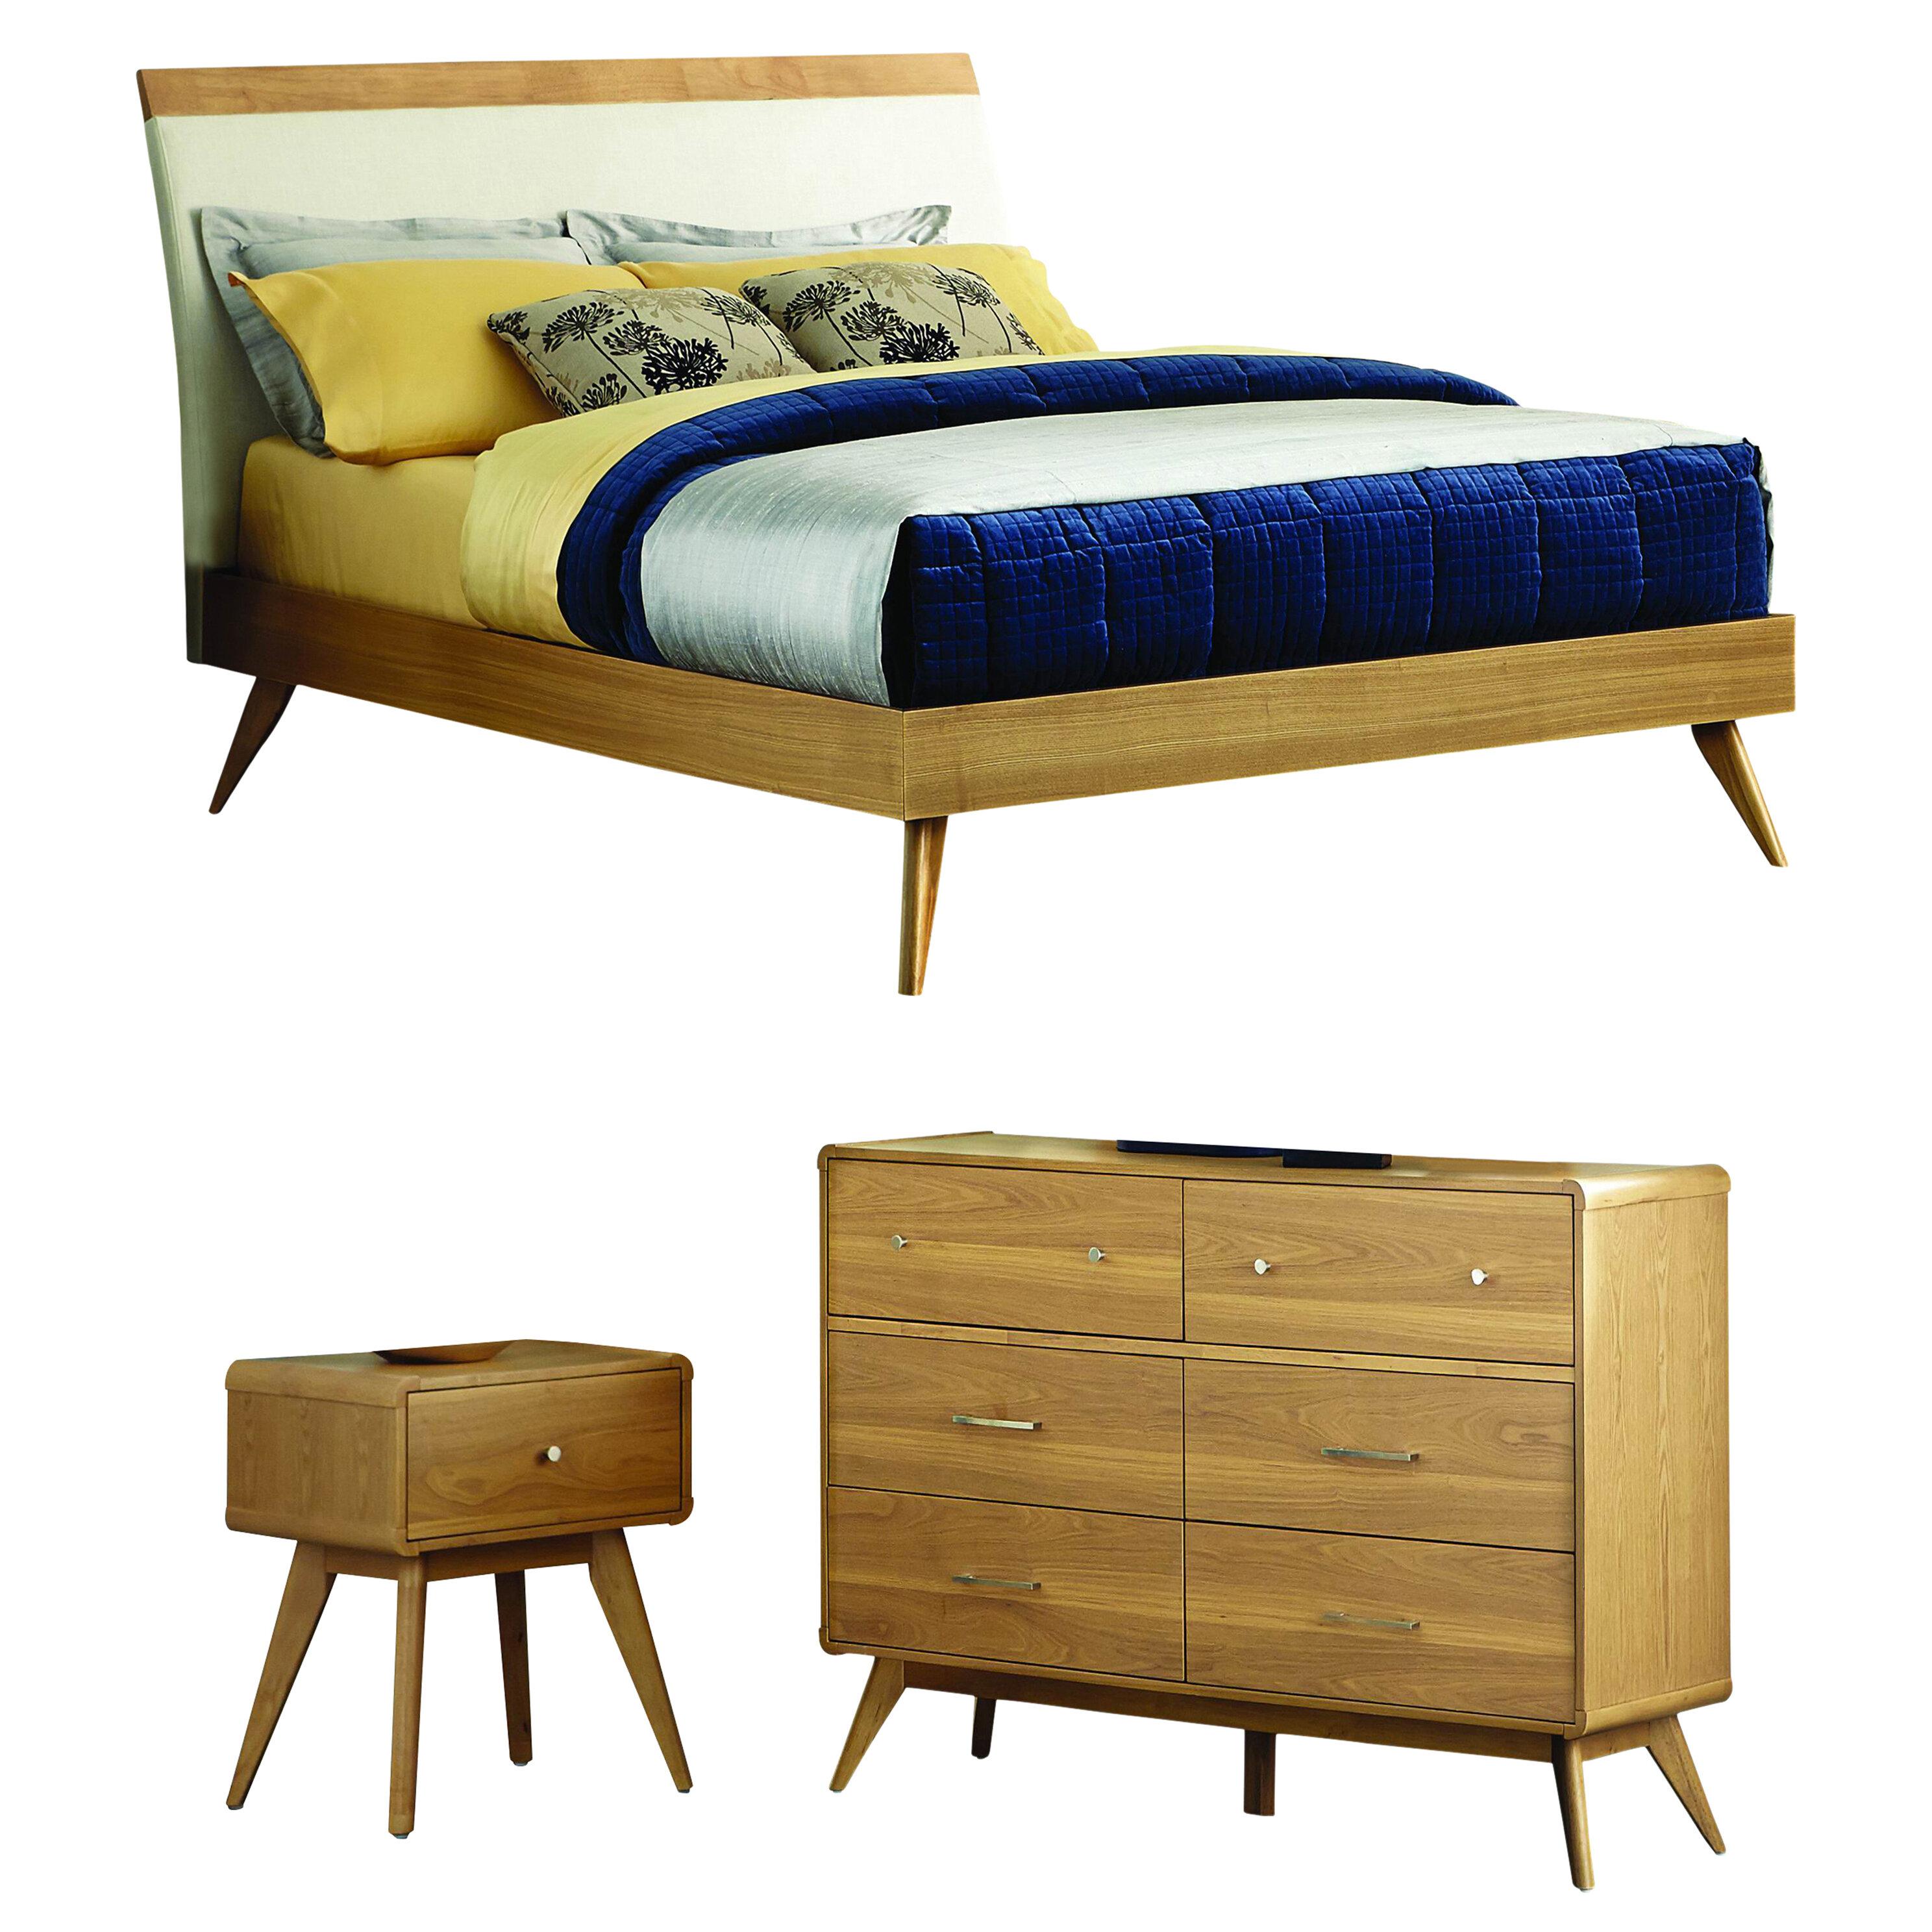 530 Bedroom Sets Platform Bed Free